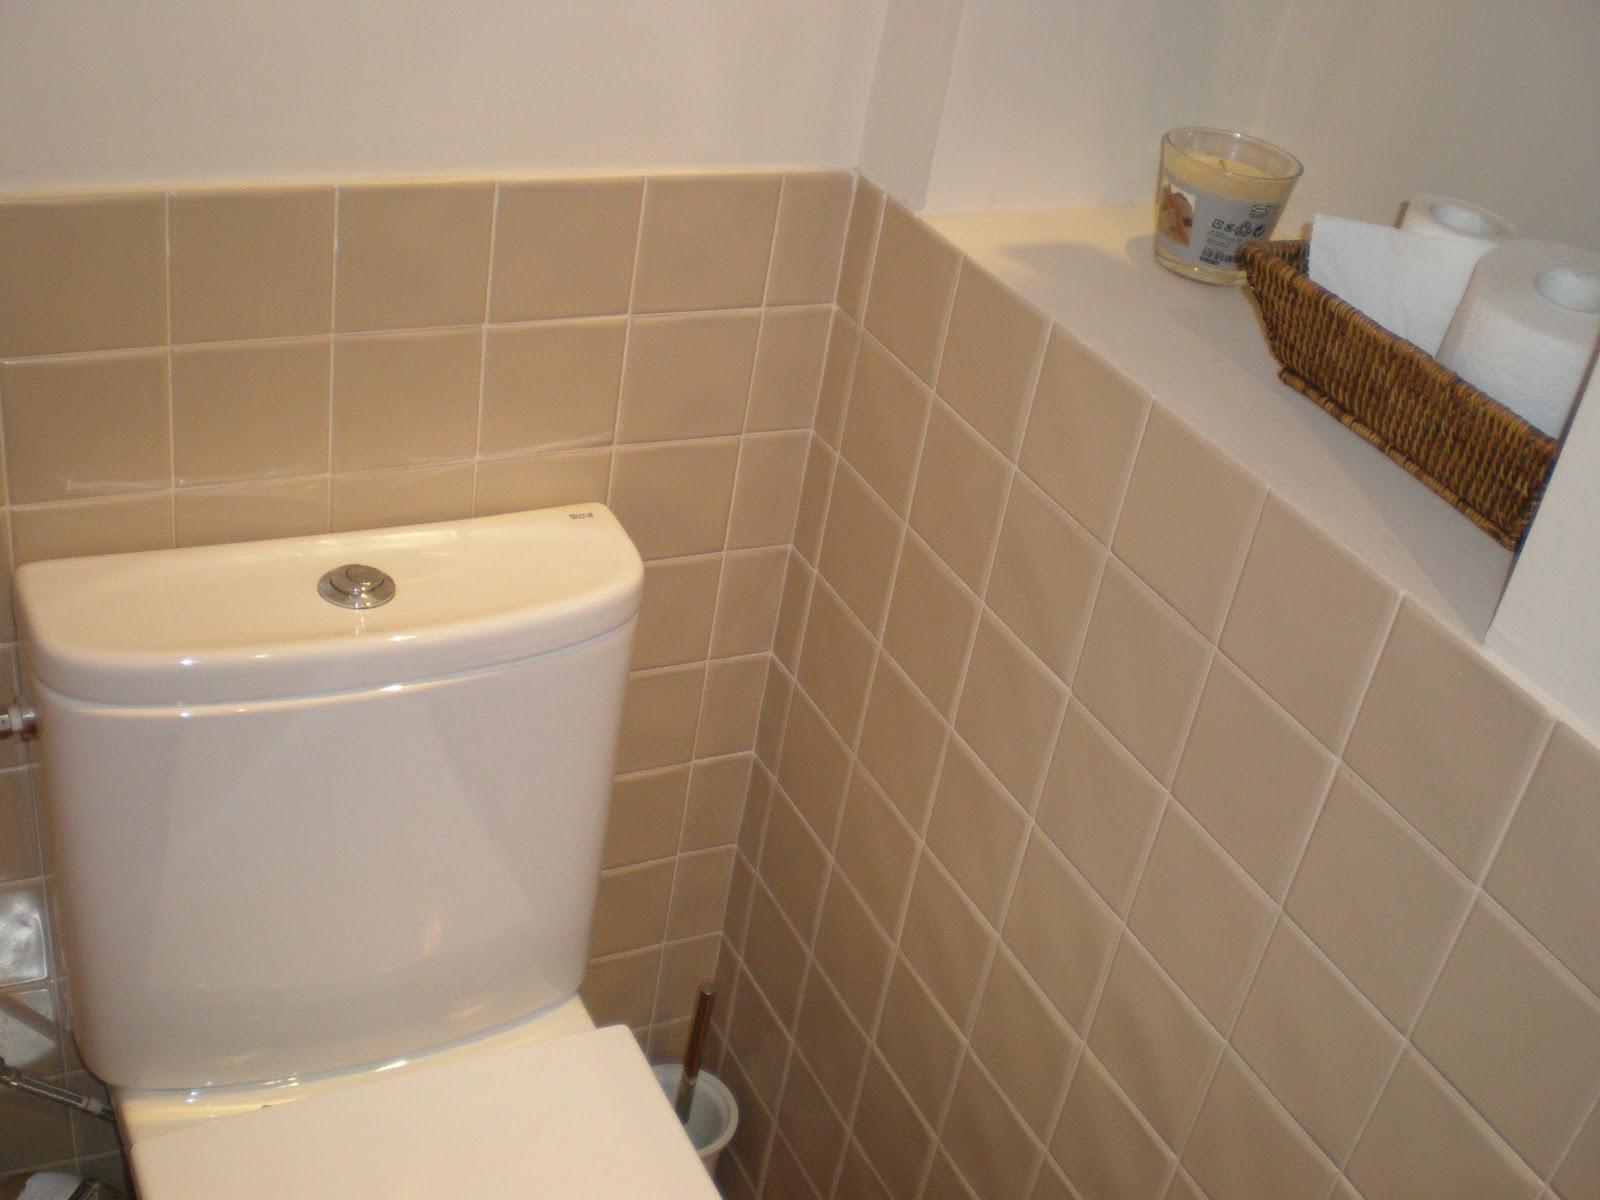 Comprar ofertas platos de ducha muebles sofas spain - Azulejos banos leroy merlin ...